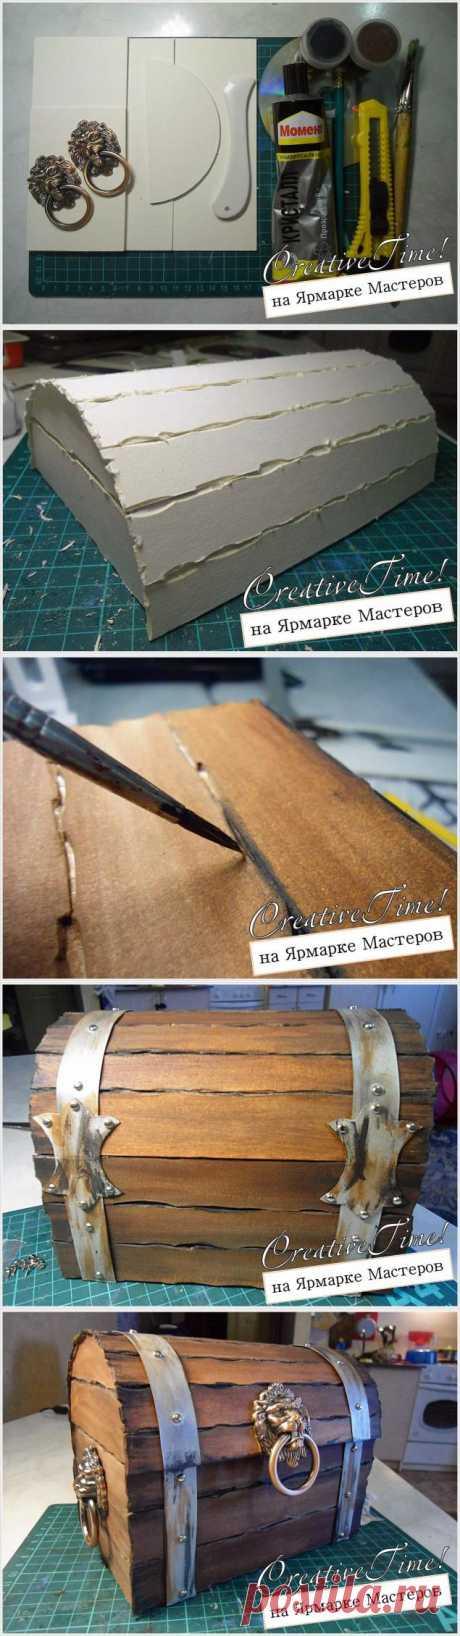 Создание пиратского сундука сокровищ - Ярмарка Мастеров - ручная работа, handmade